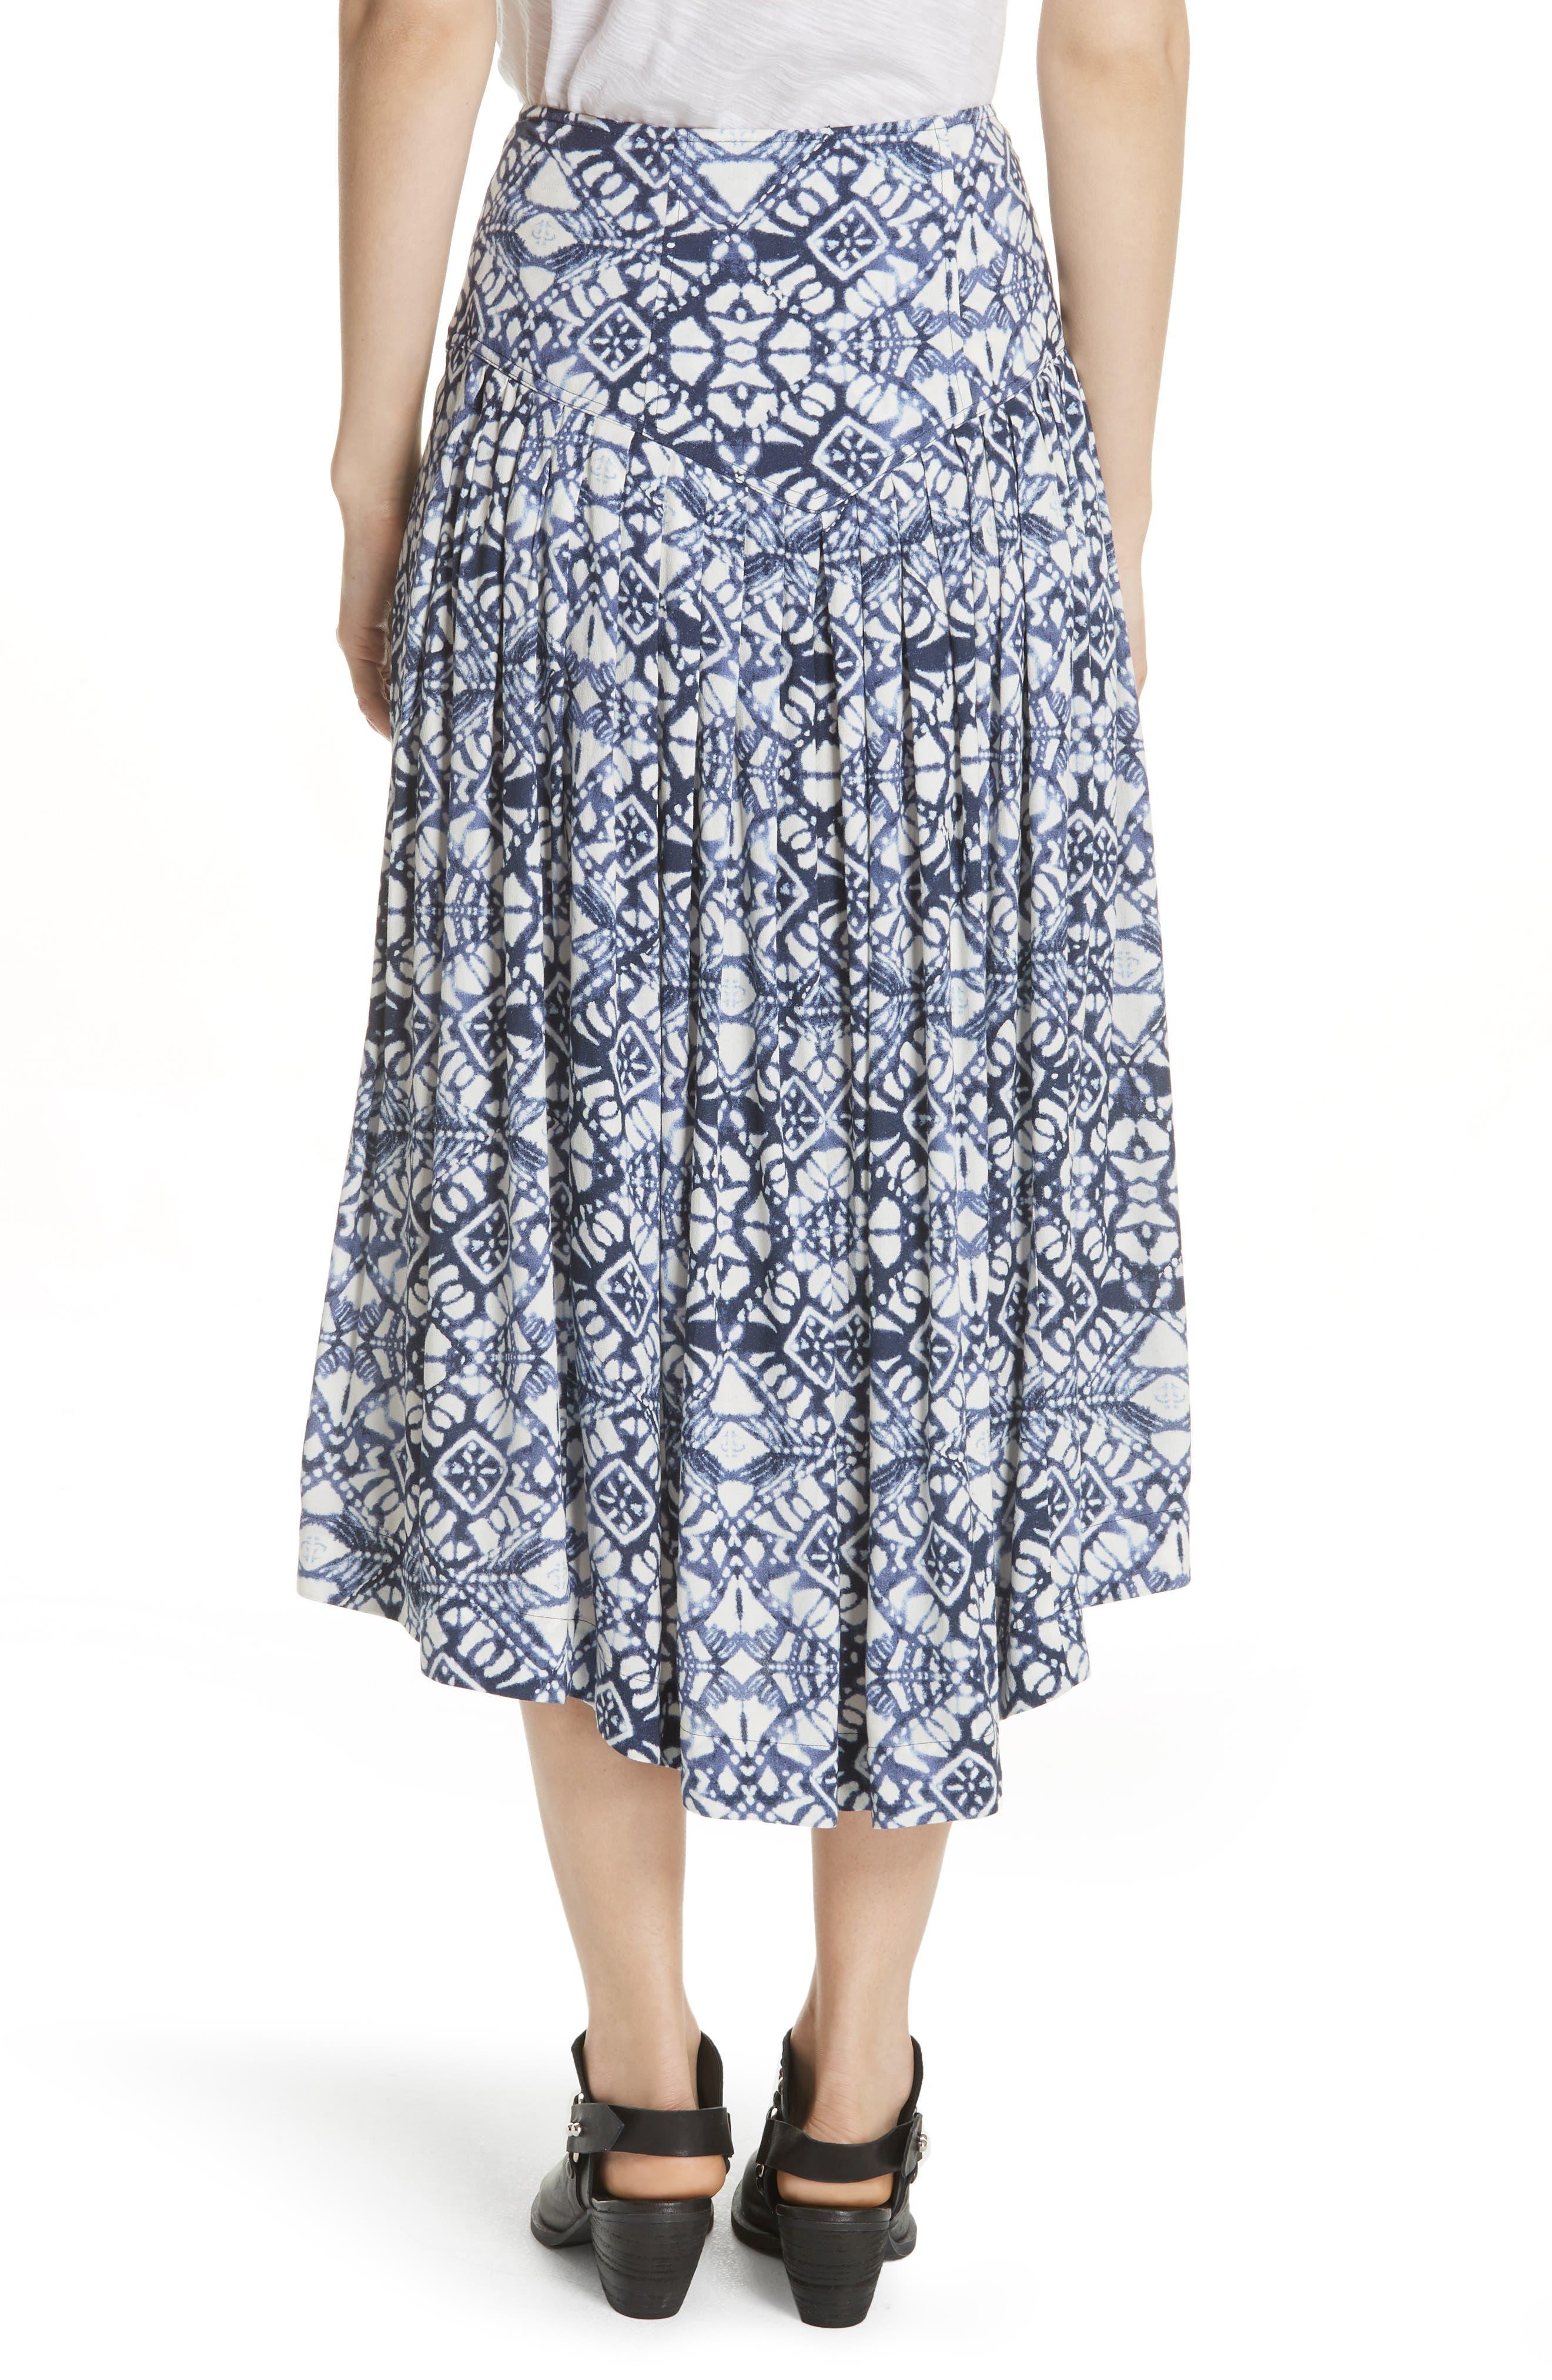 Lovers Dream Midi Skirt,                             Alternate thumbnail 2, color,                             Black